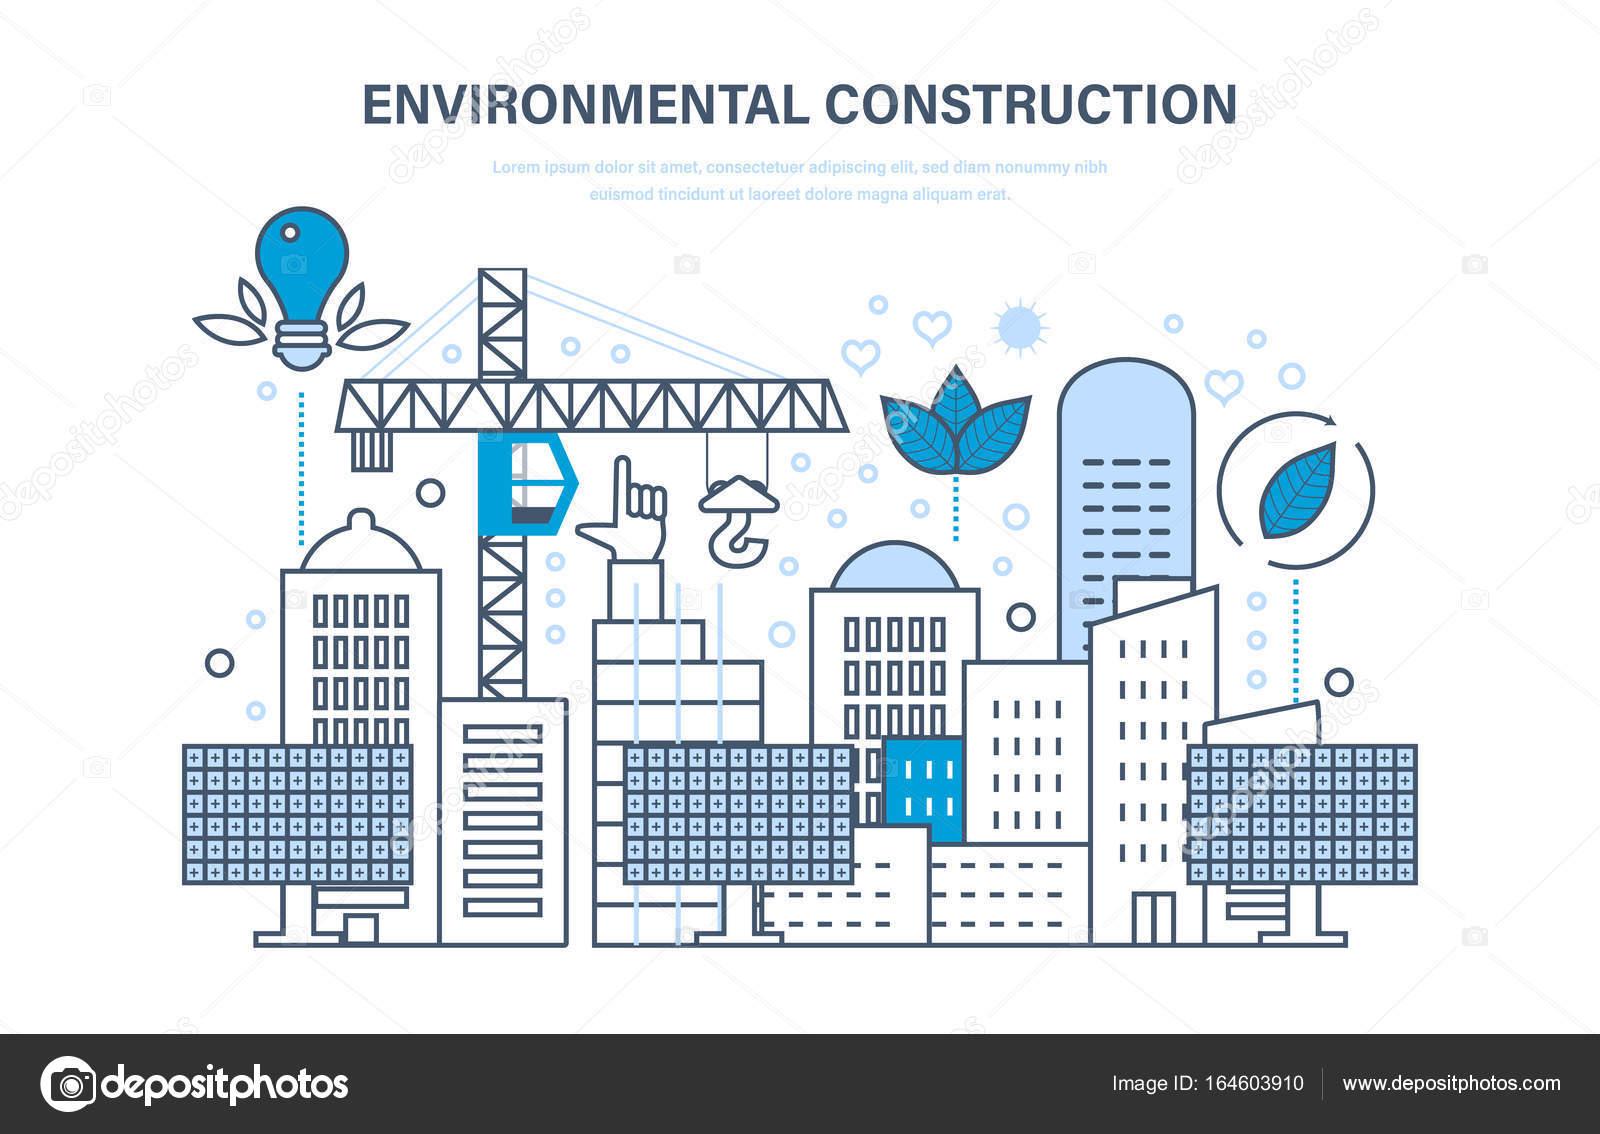 Imágenes Ingenieria Ambiental Para Colorear Construcción